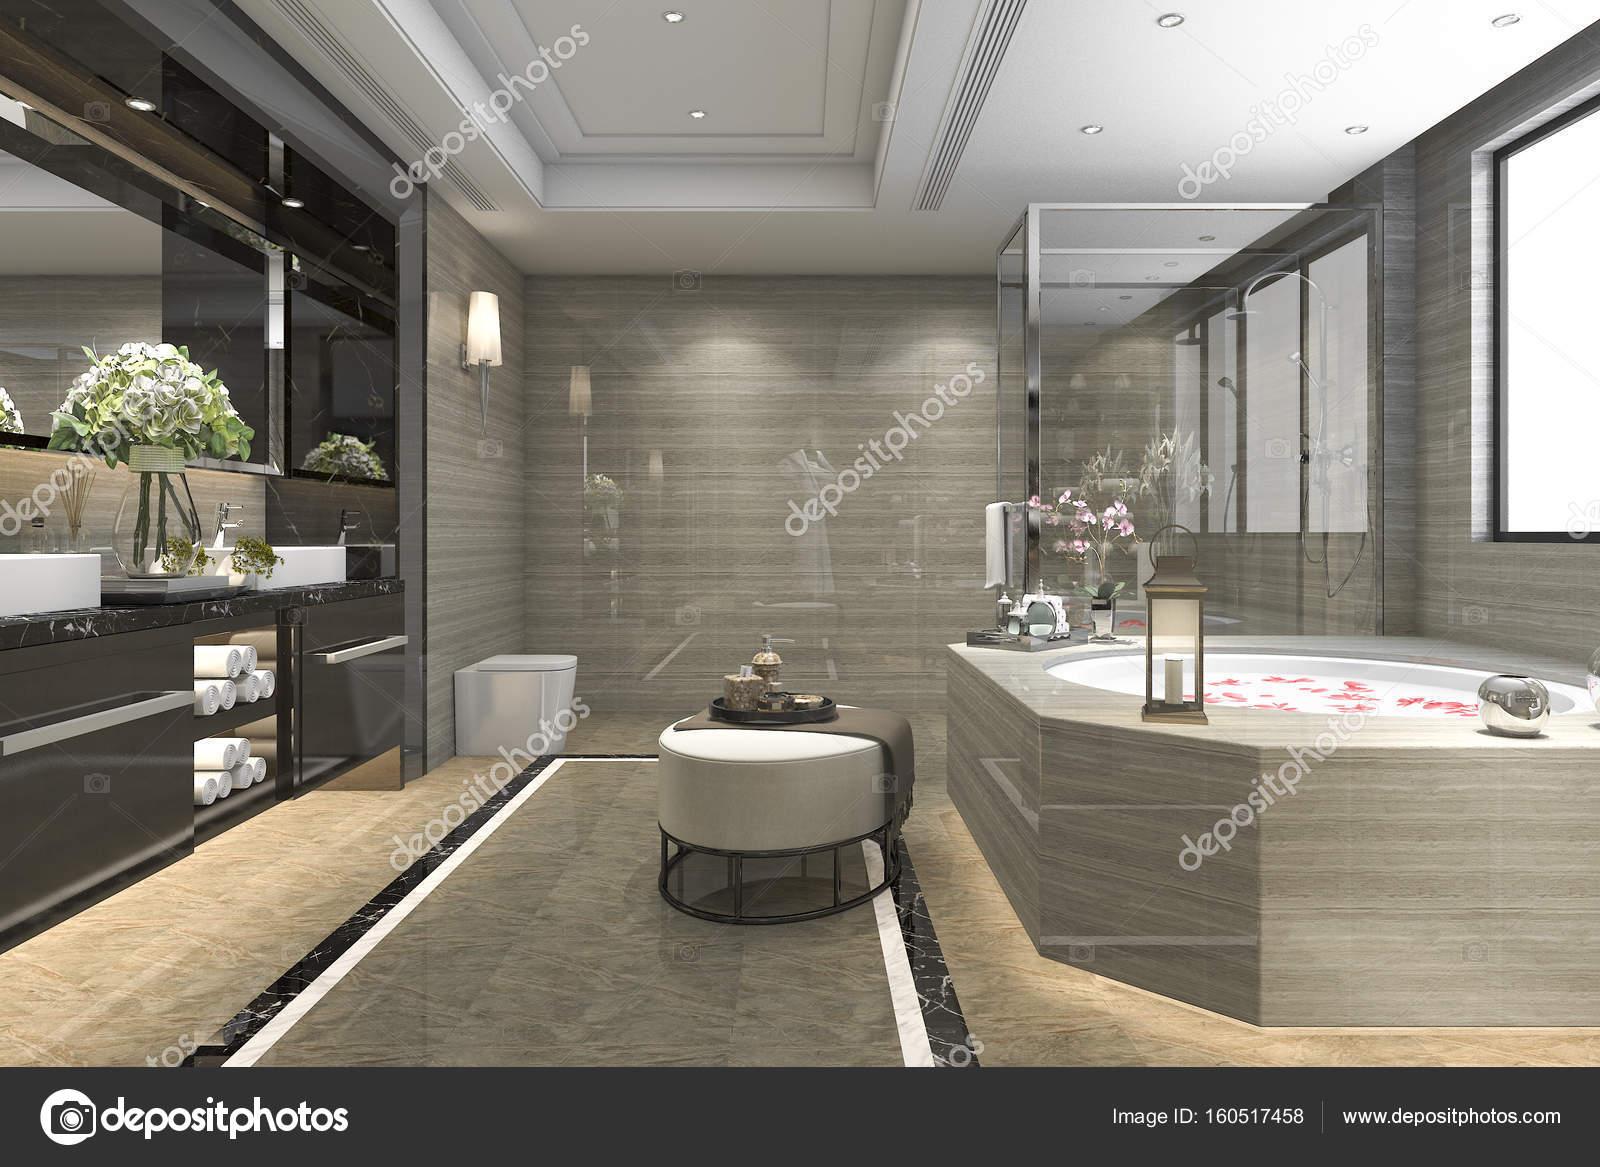 piastrelle bagno classico moderno del rendering 3D con lusso ...